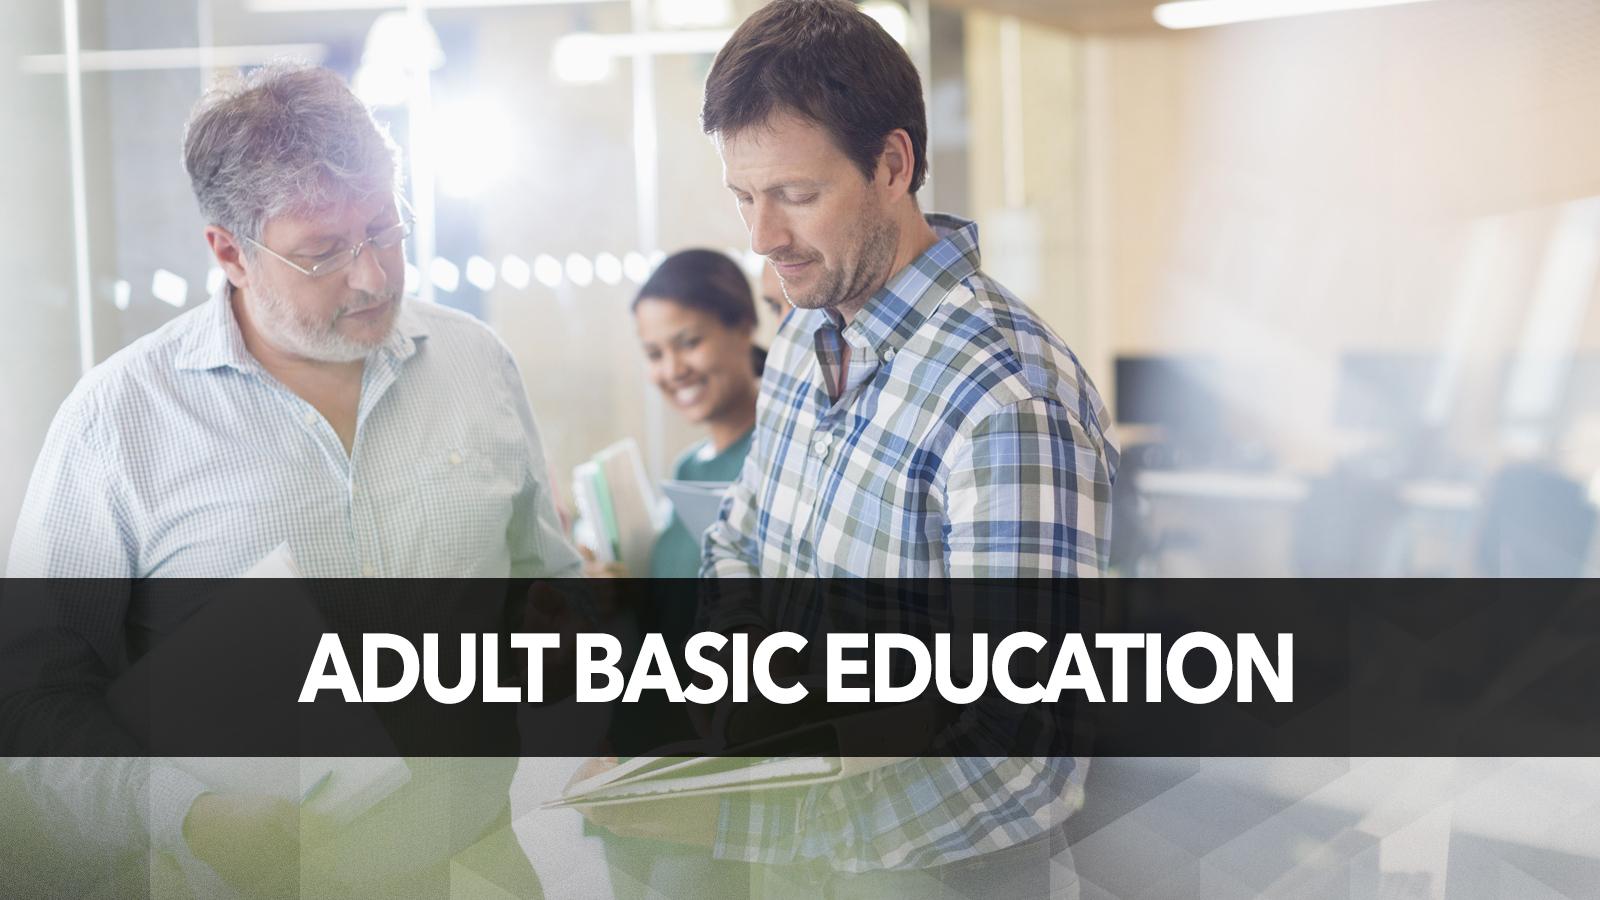 Adult Basic Education (ABE)